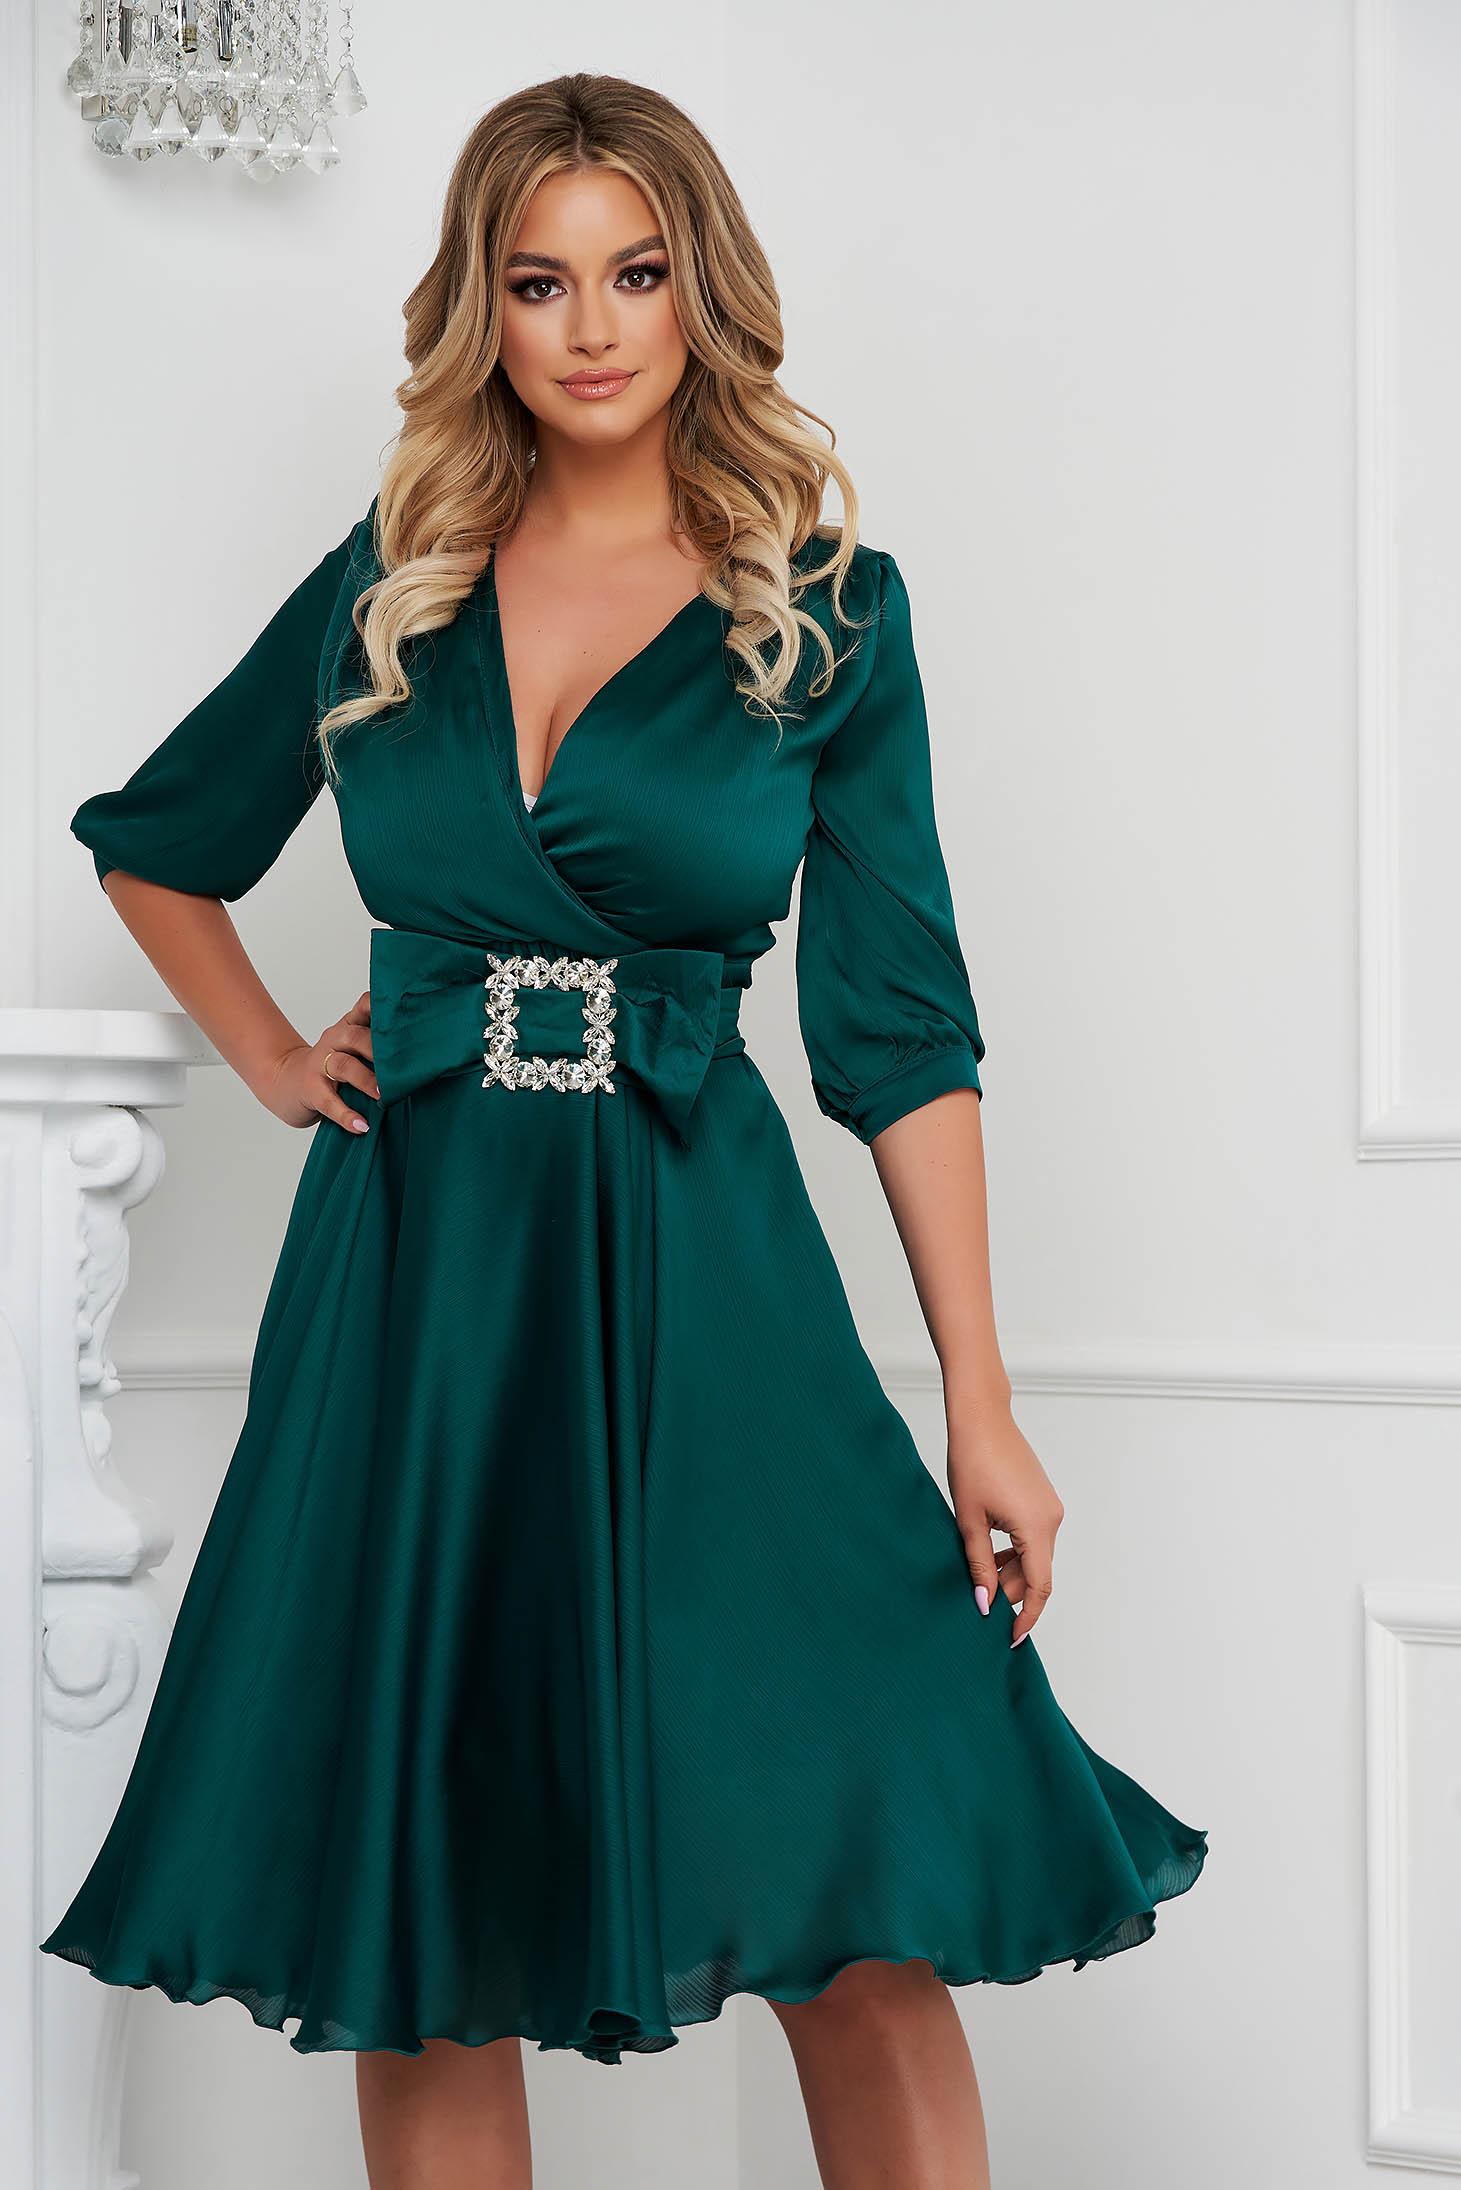 Rochie PrettyGirl verde petrol eleganta midi in clos din satin accesorizata cu o catarama